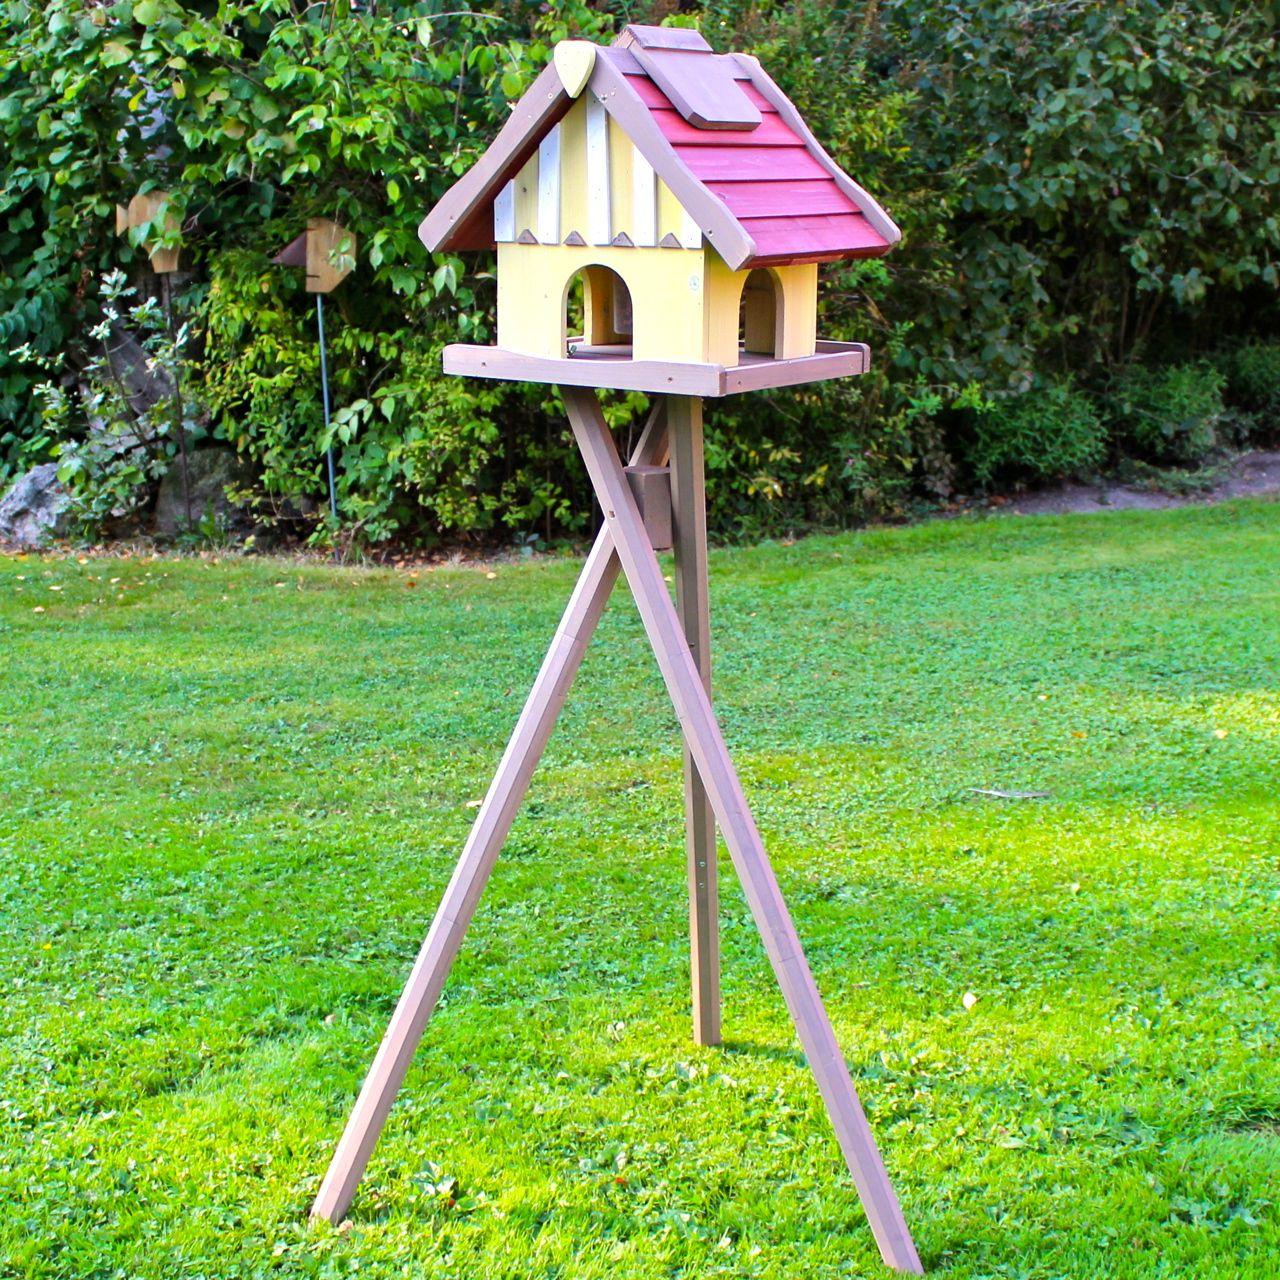 futterhaus norwegen vogelhaus vogel und naturschutzprodukte einfach online kaufen. Black Bedroom Furniture Sets. Home Design Ideas